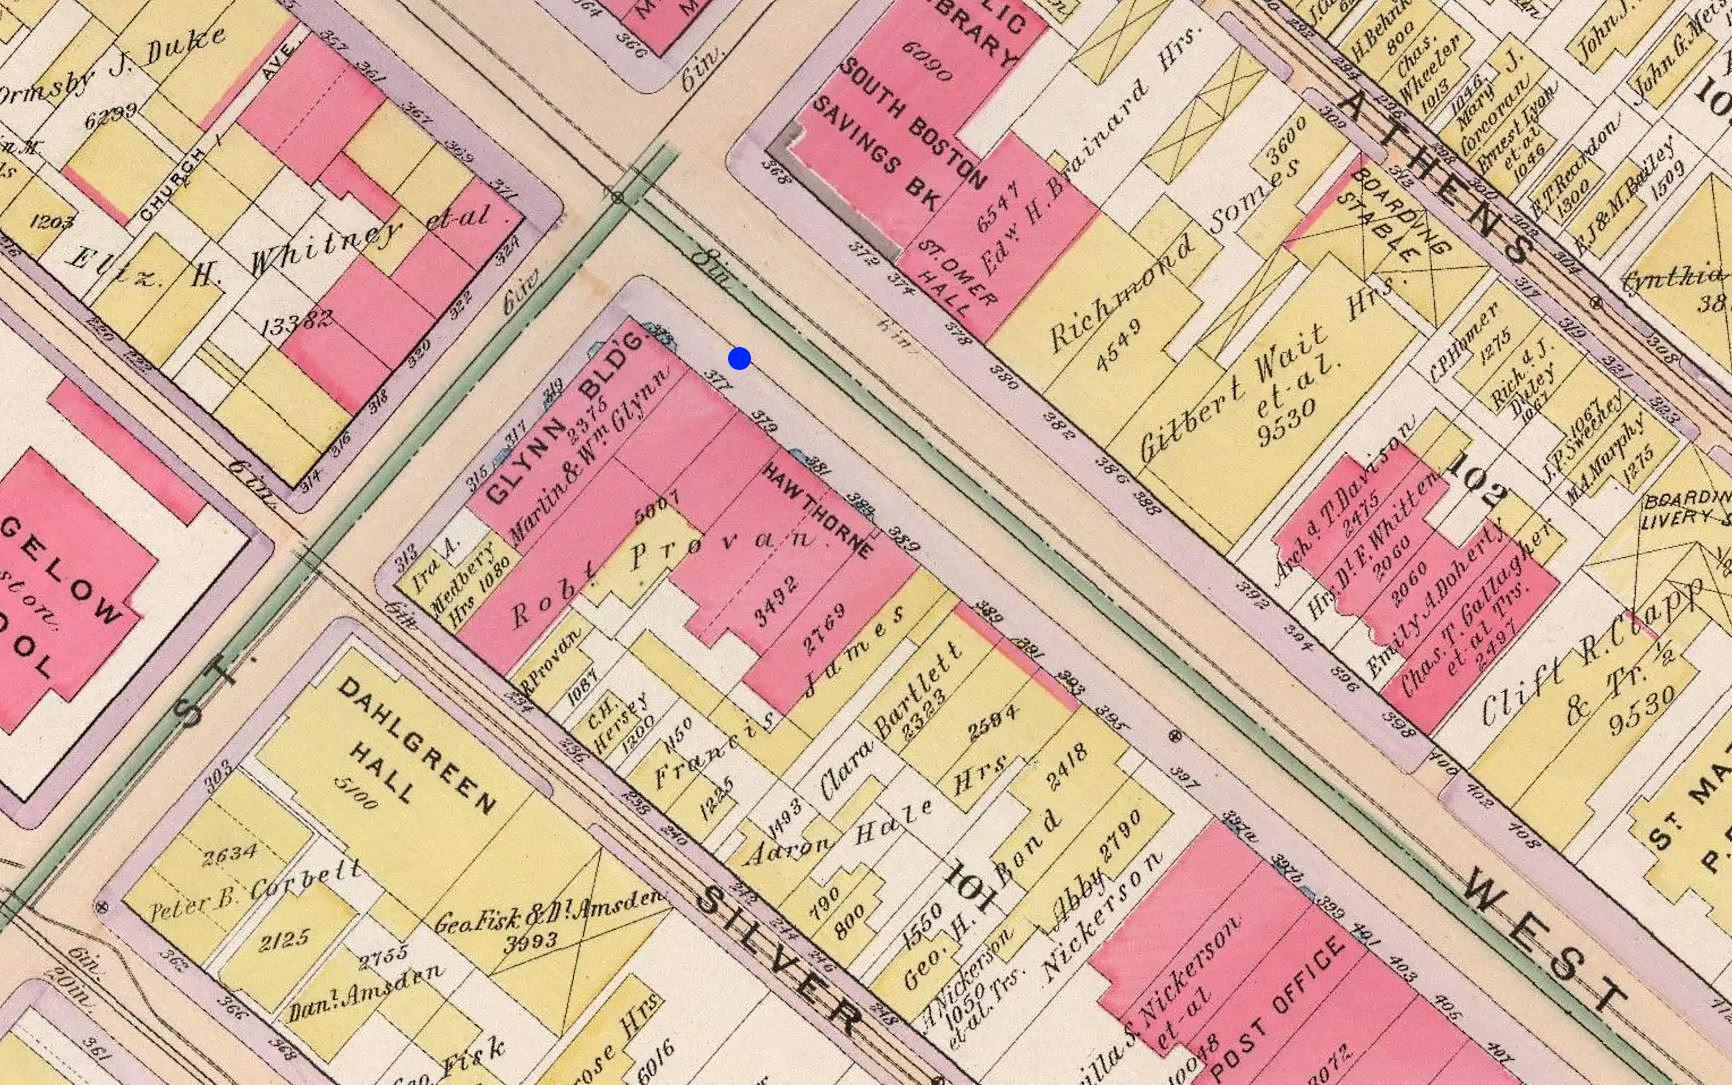 377 West Broadway, Boston, in 1899